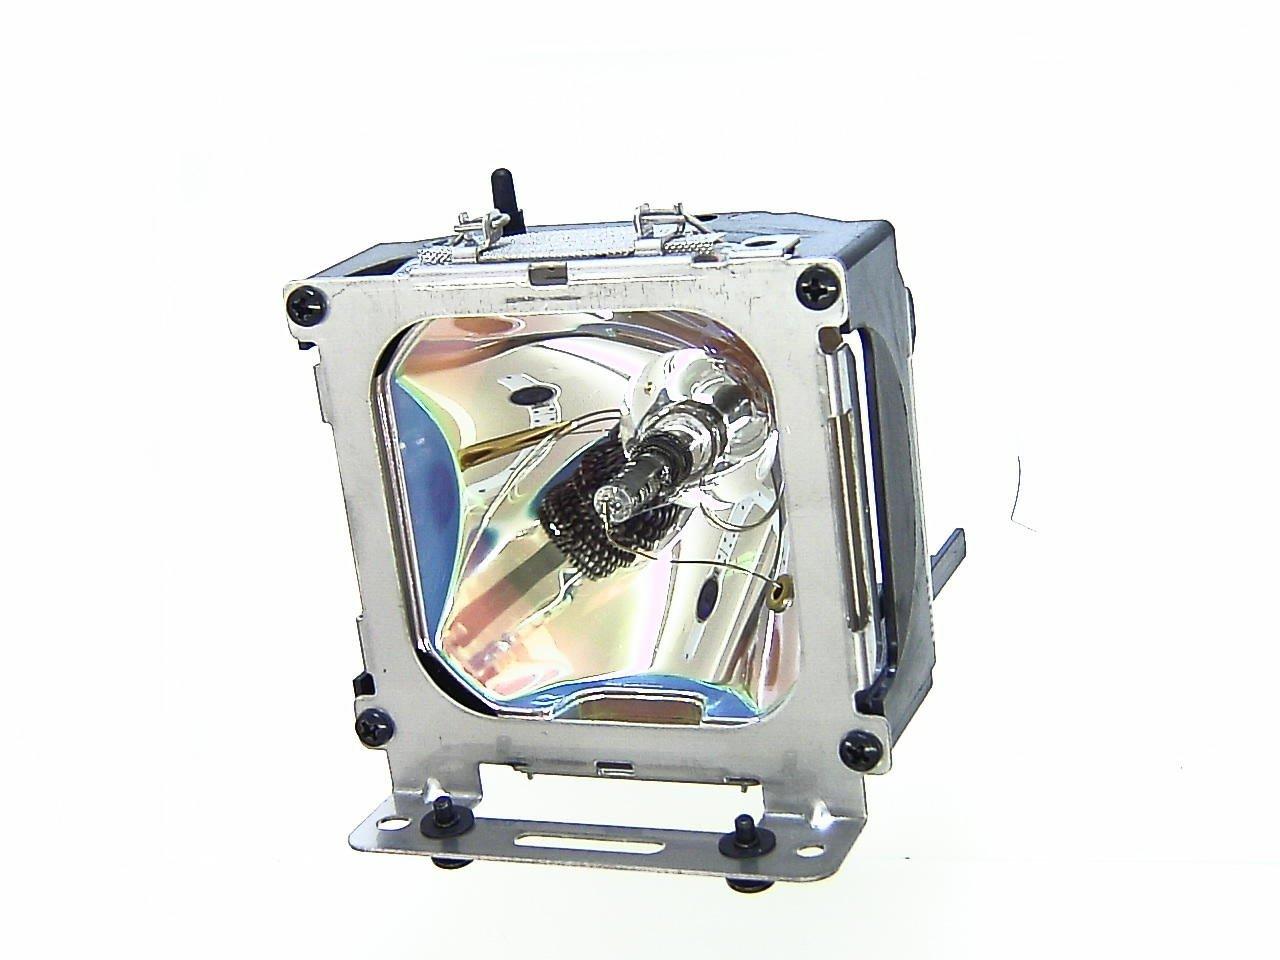 MaxStrataオリジナルランプ Dukane I-PRO 8909 I-PRO 8939プロジェクター用   B00CWCR91M